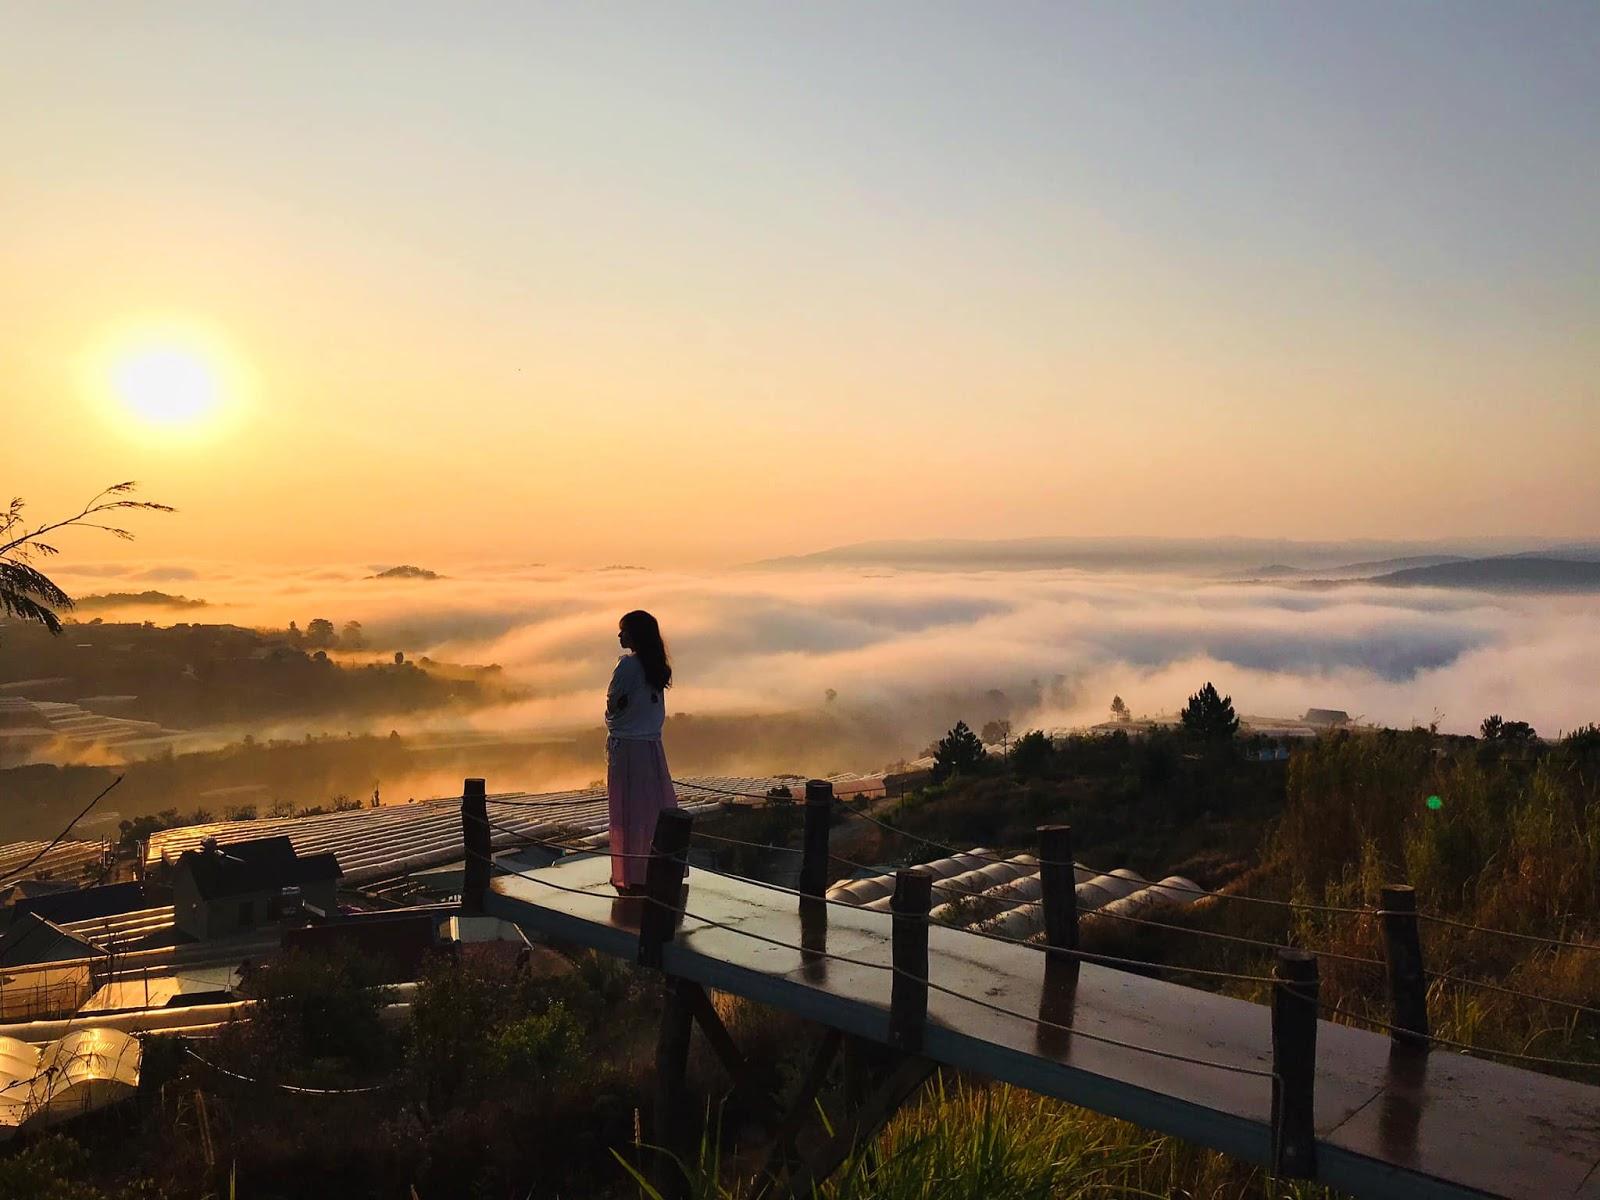 Tour Đà Lạt 3 ngày 2 đêm check in những địa điểm du lịch đẹp nhất 2020